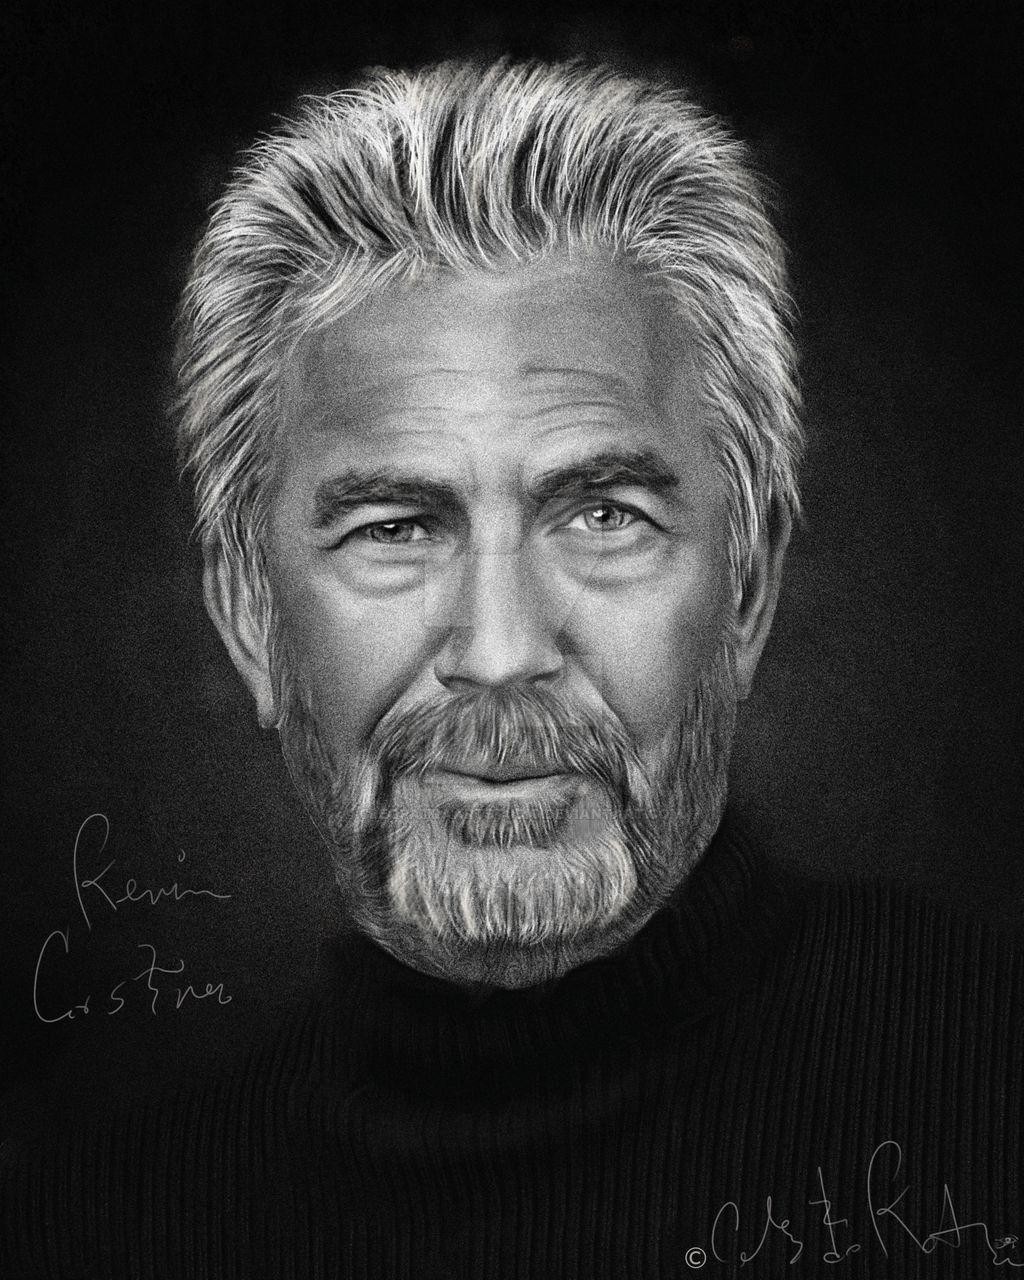 Kevin Costner by Celeste